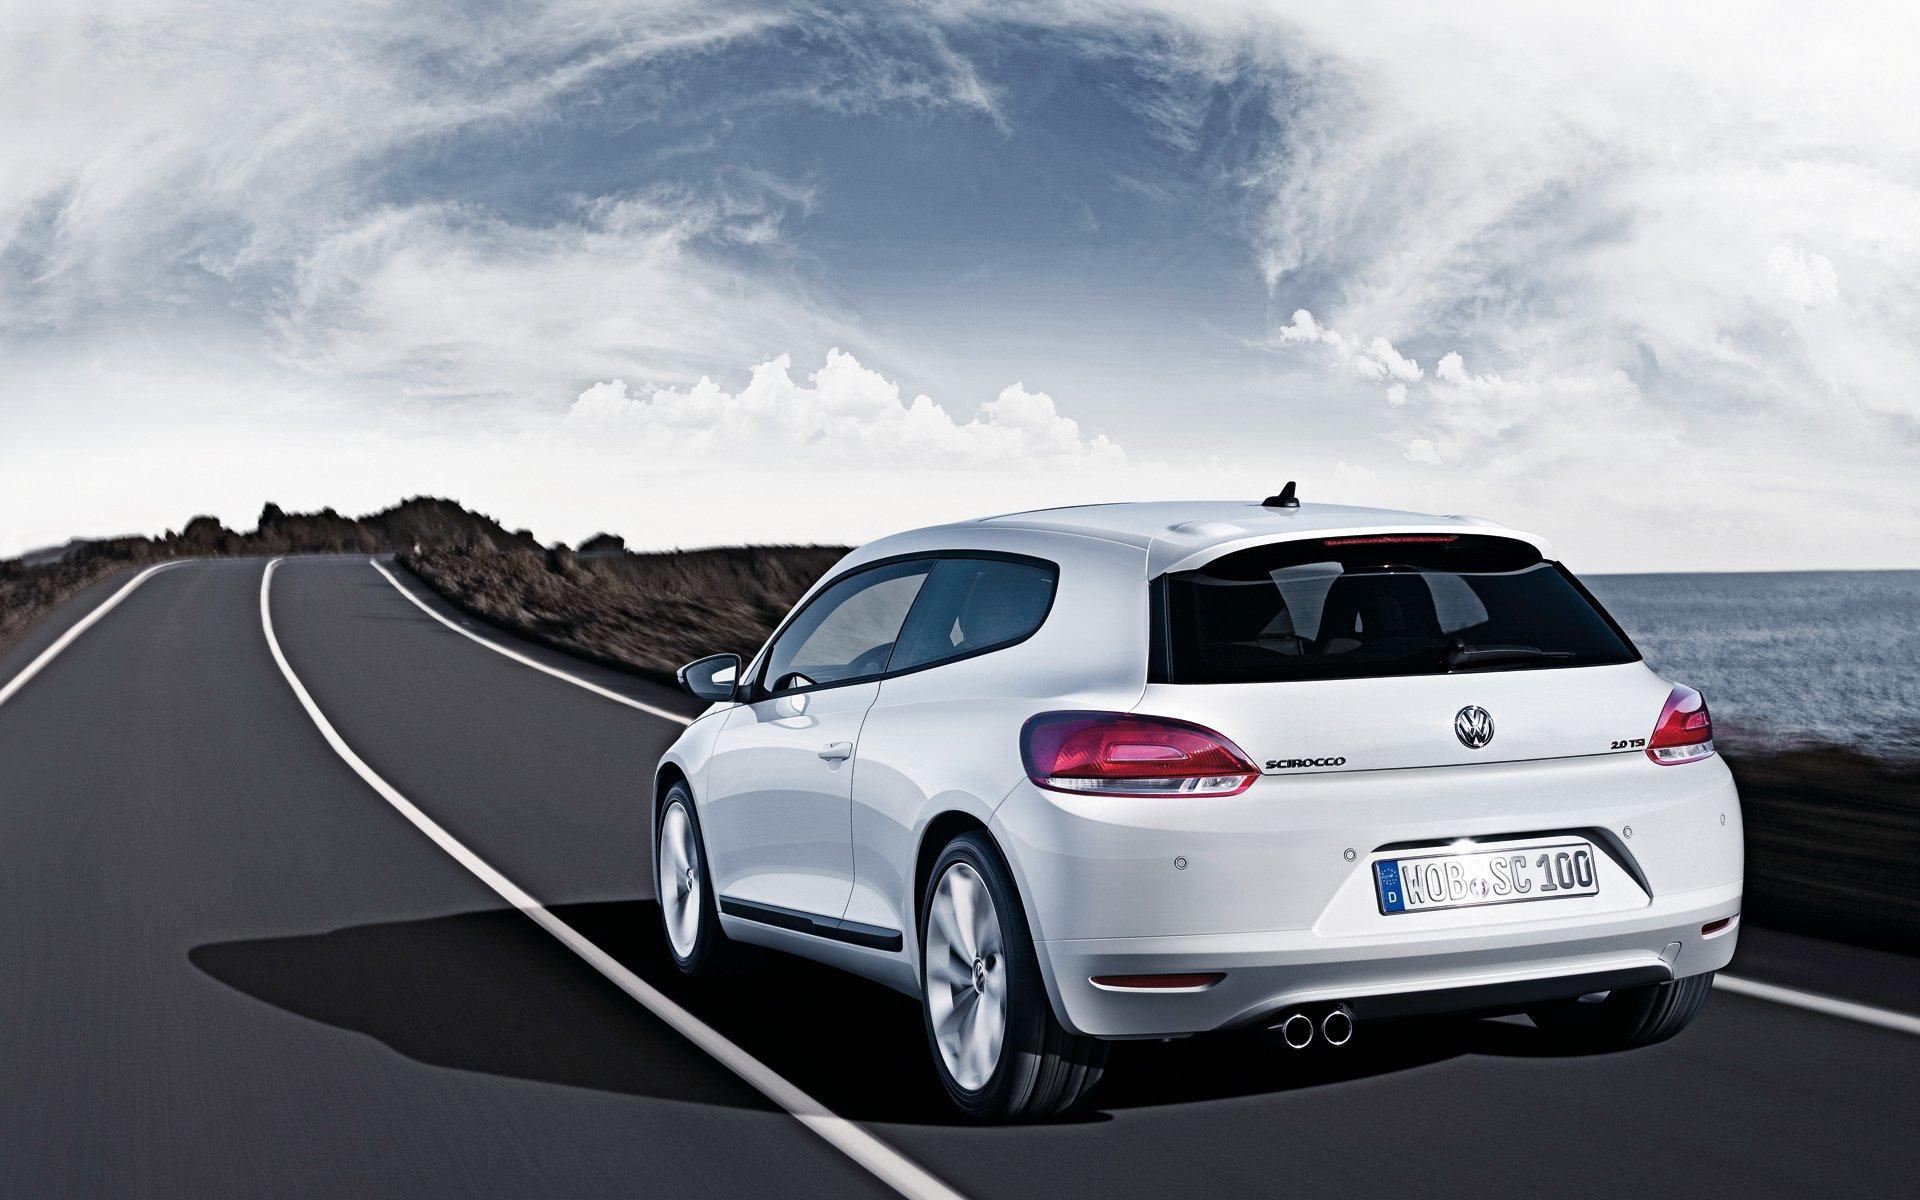 Volkswagen Scirocco, Le fond d'écran Android du jour : Volkswagen Scirocco